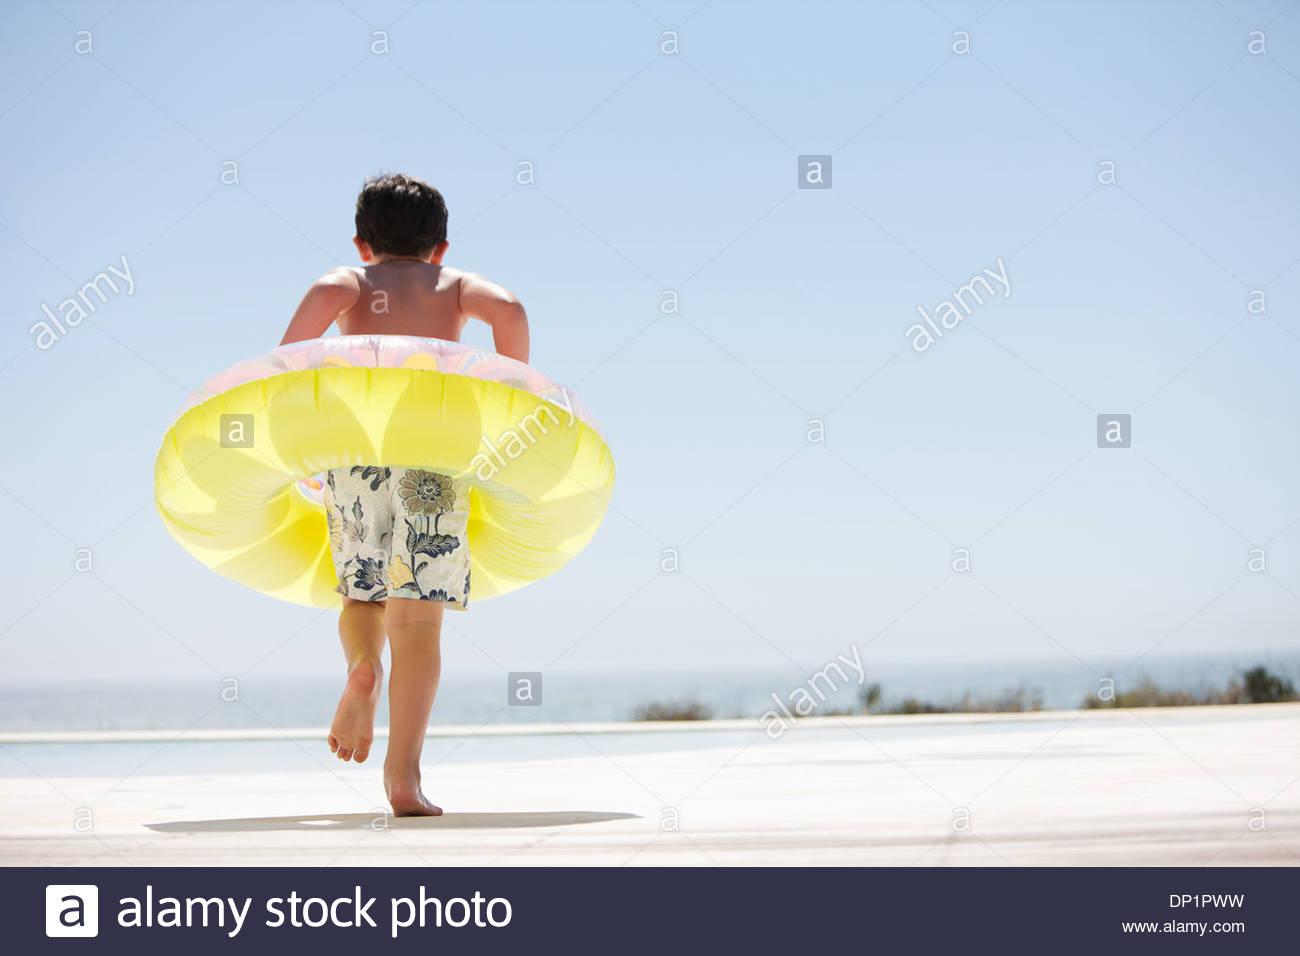 Junge mit aufblasbaren Ring heraustreten aus Infinity-pool Stockbild